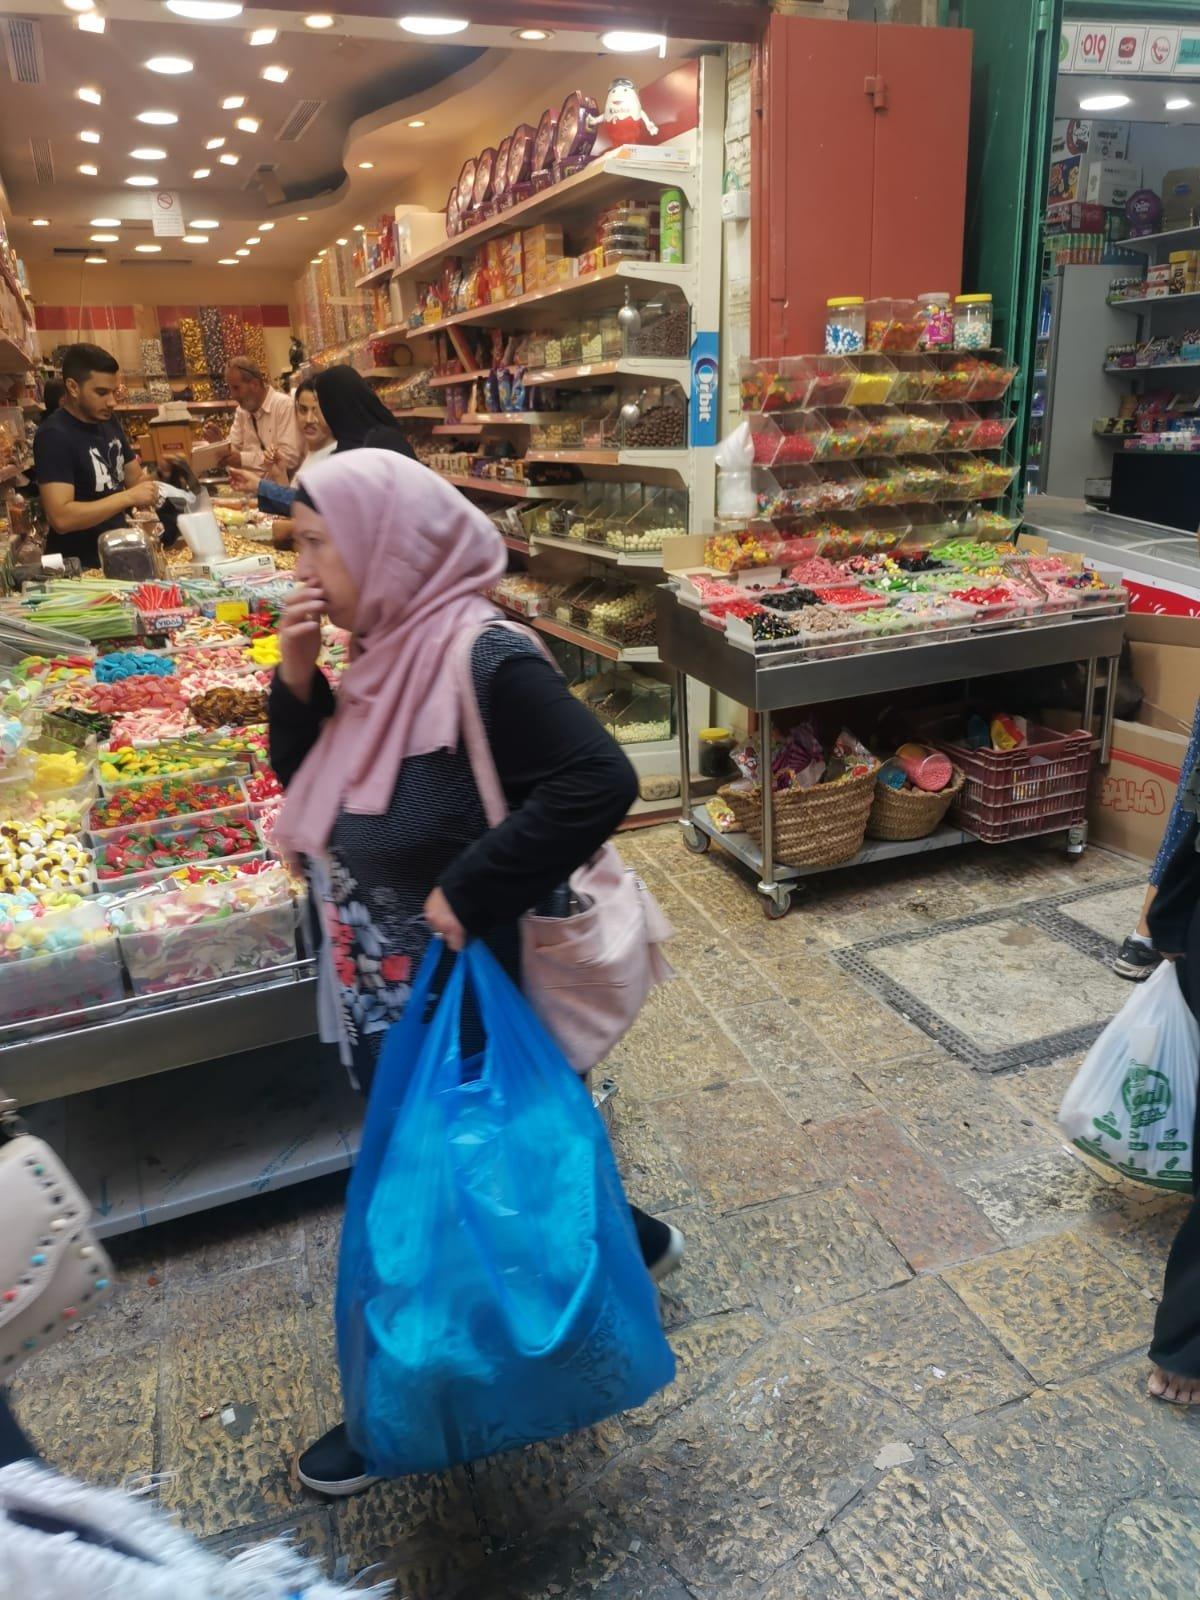 قبيل عيد الأضحى .. الأوضاع الاقتصادية والسياسية تلقي بظلالها على أسواق القدس-0